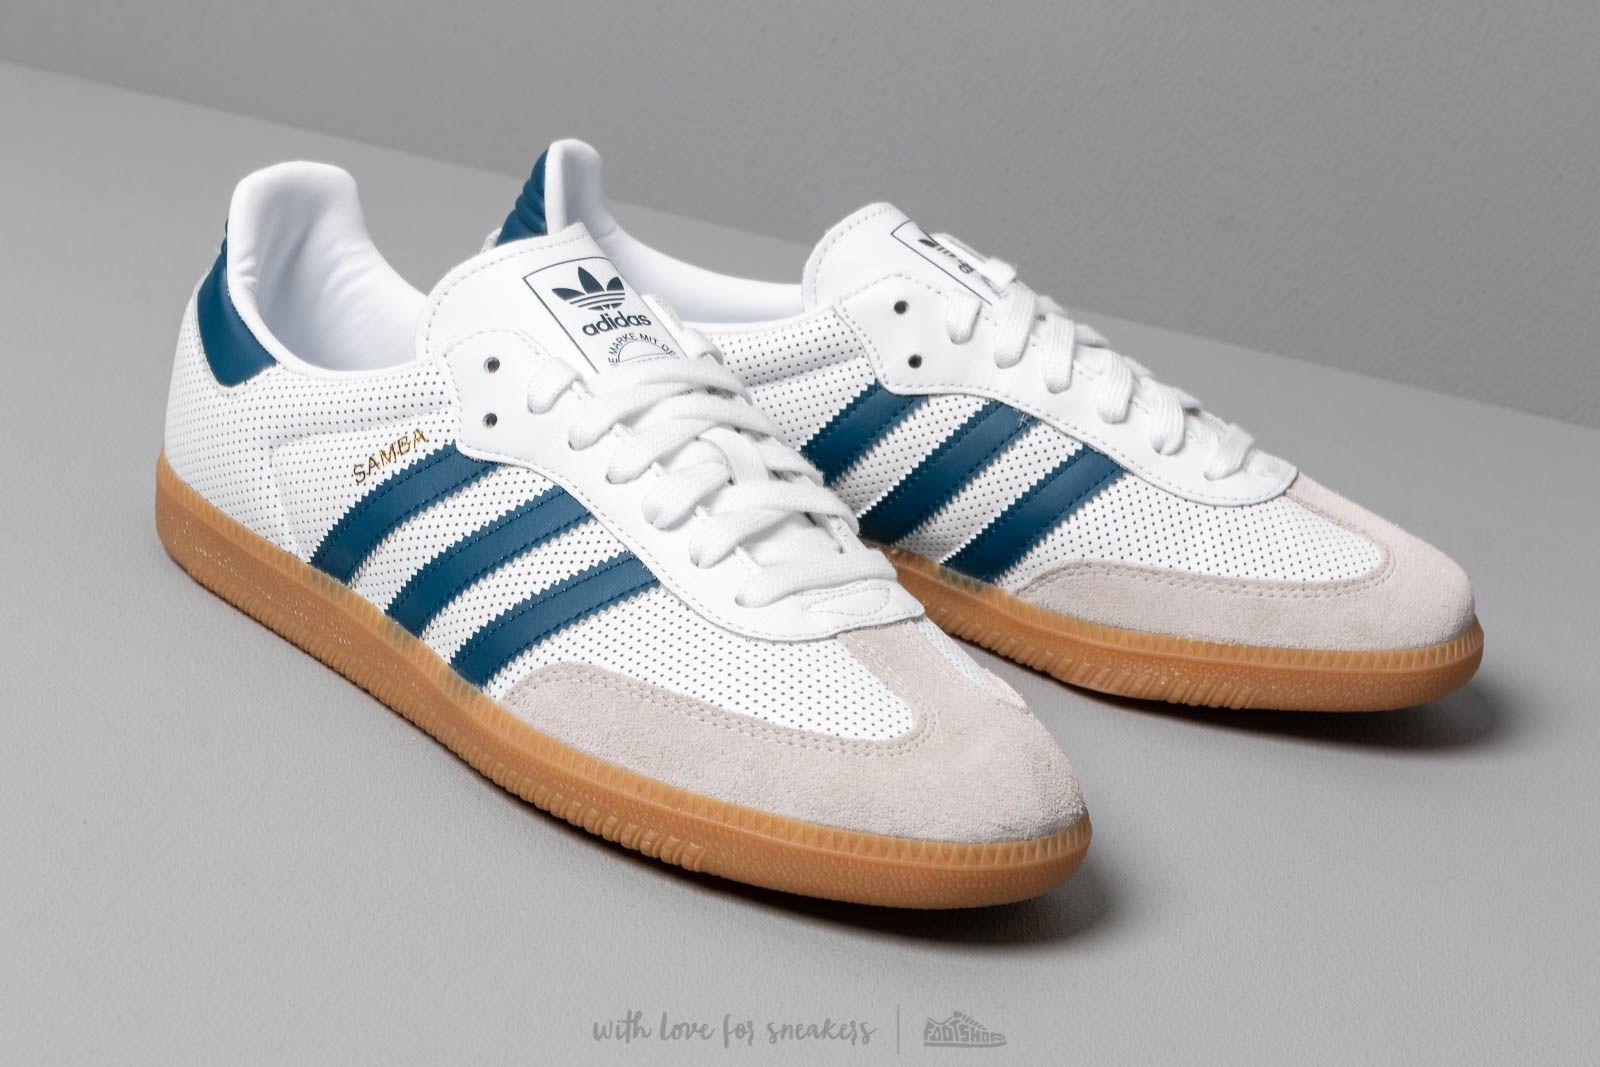 adidas Samba OG Ftw White Legend Marine Grey One